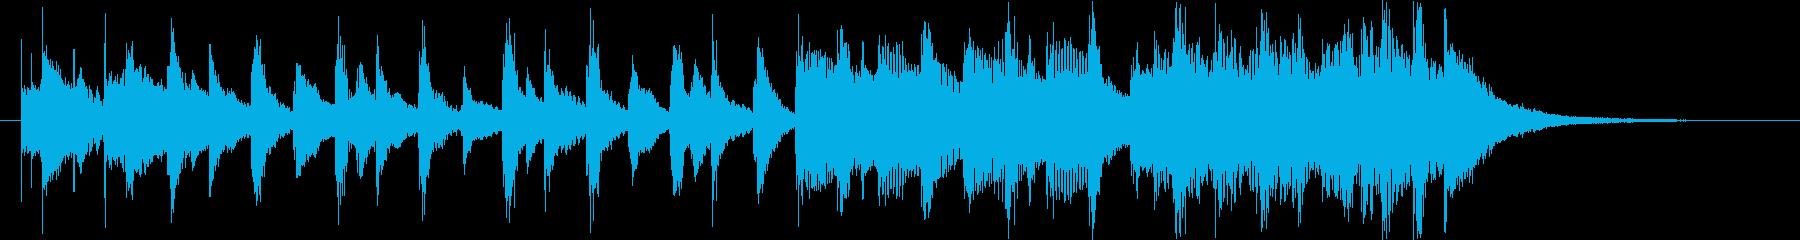 軽快切ない哀愁レゲエラテンヒップホップfの再生済みの波形